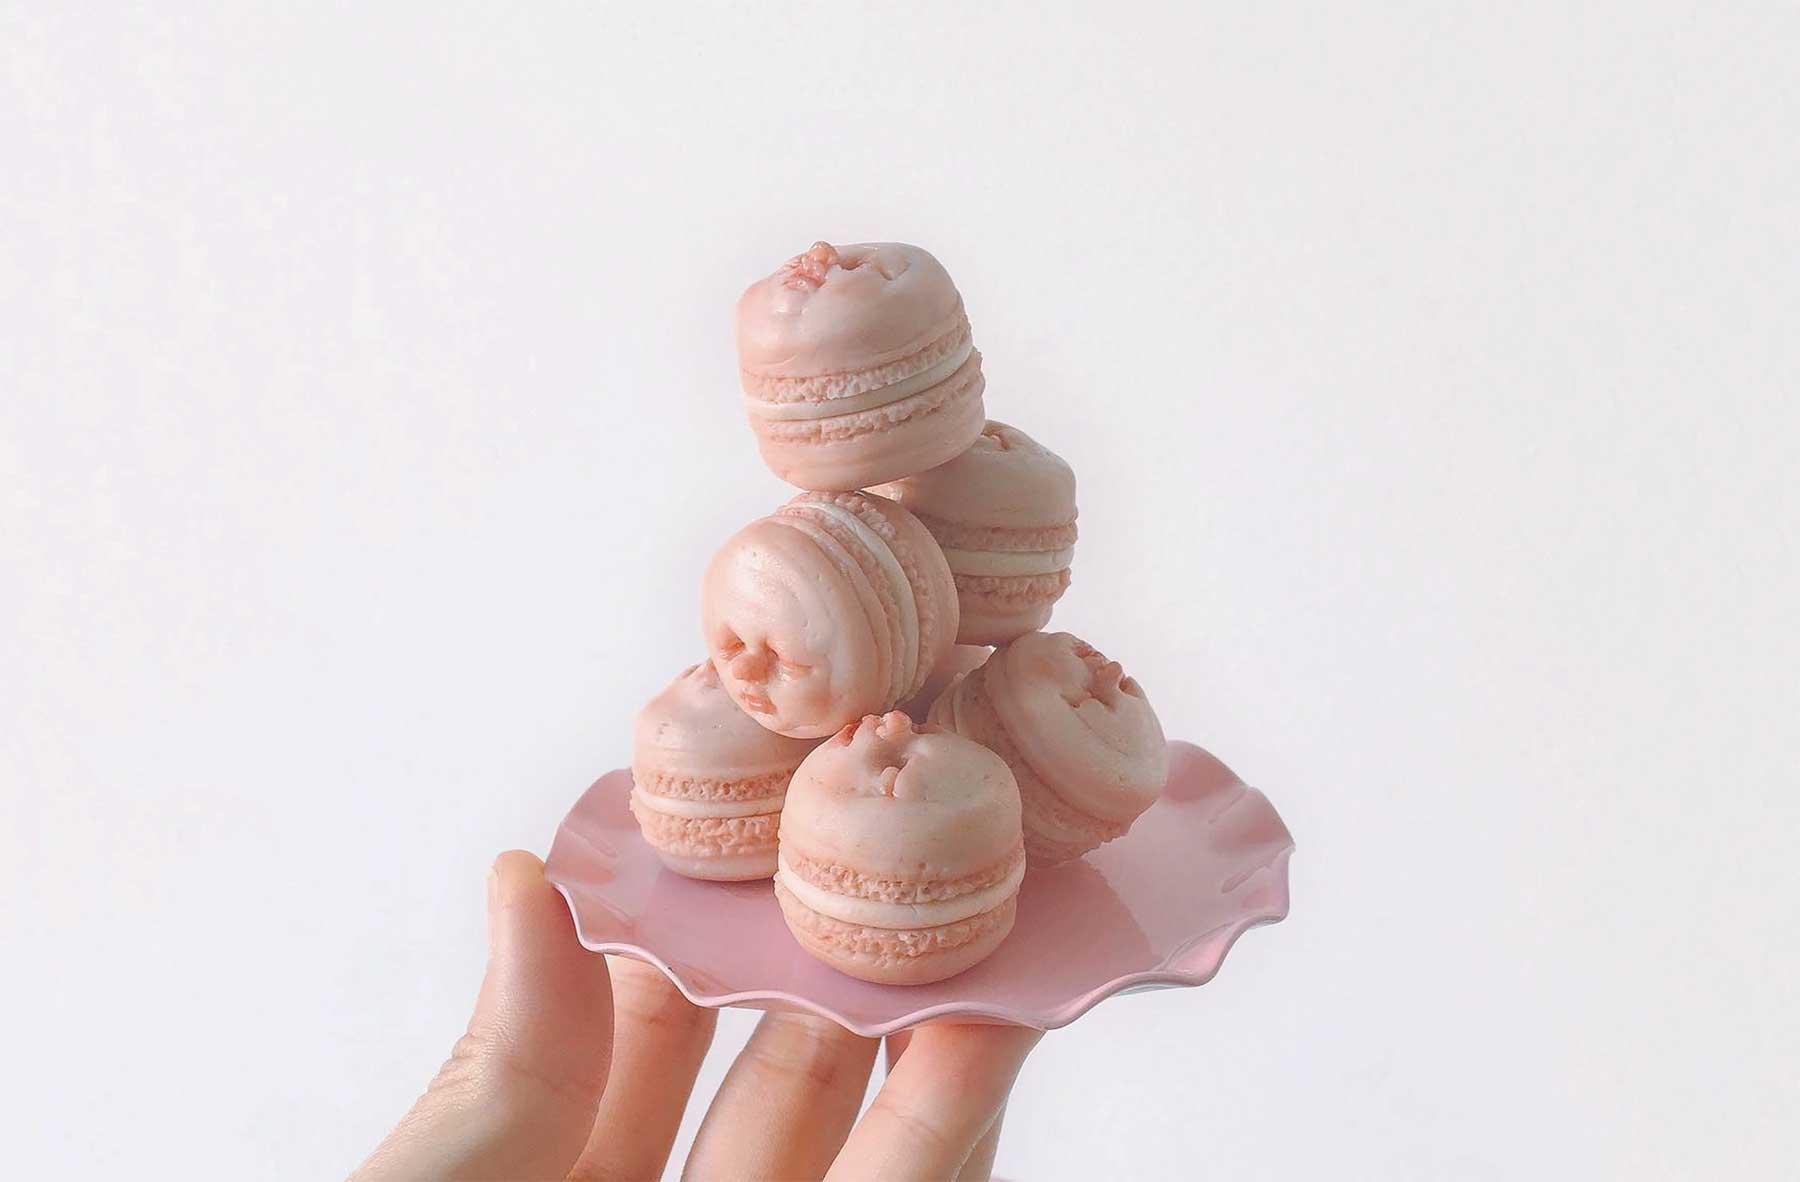 Anatomie-Desserts von QimmyShimmy Anatomiekuchen-QimmyShimmy_05